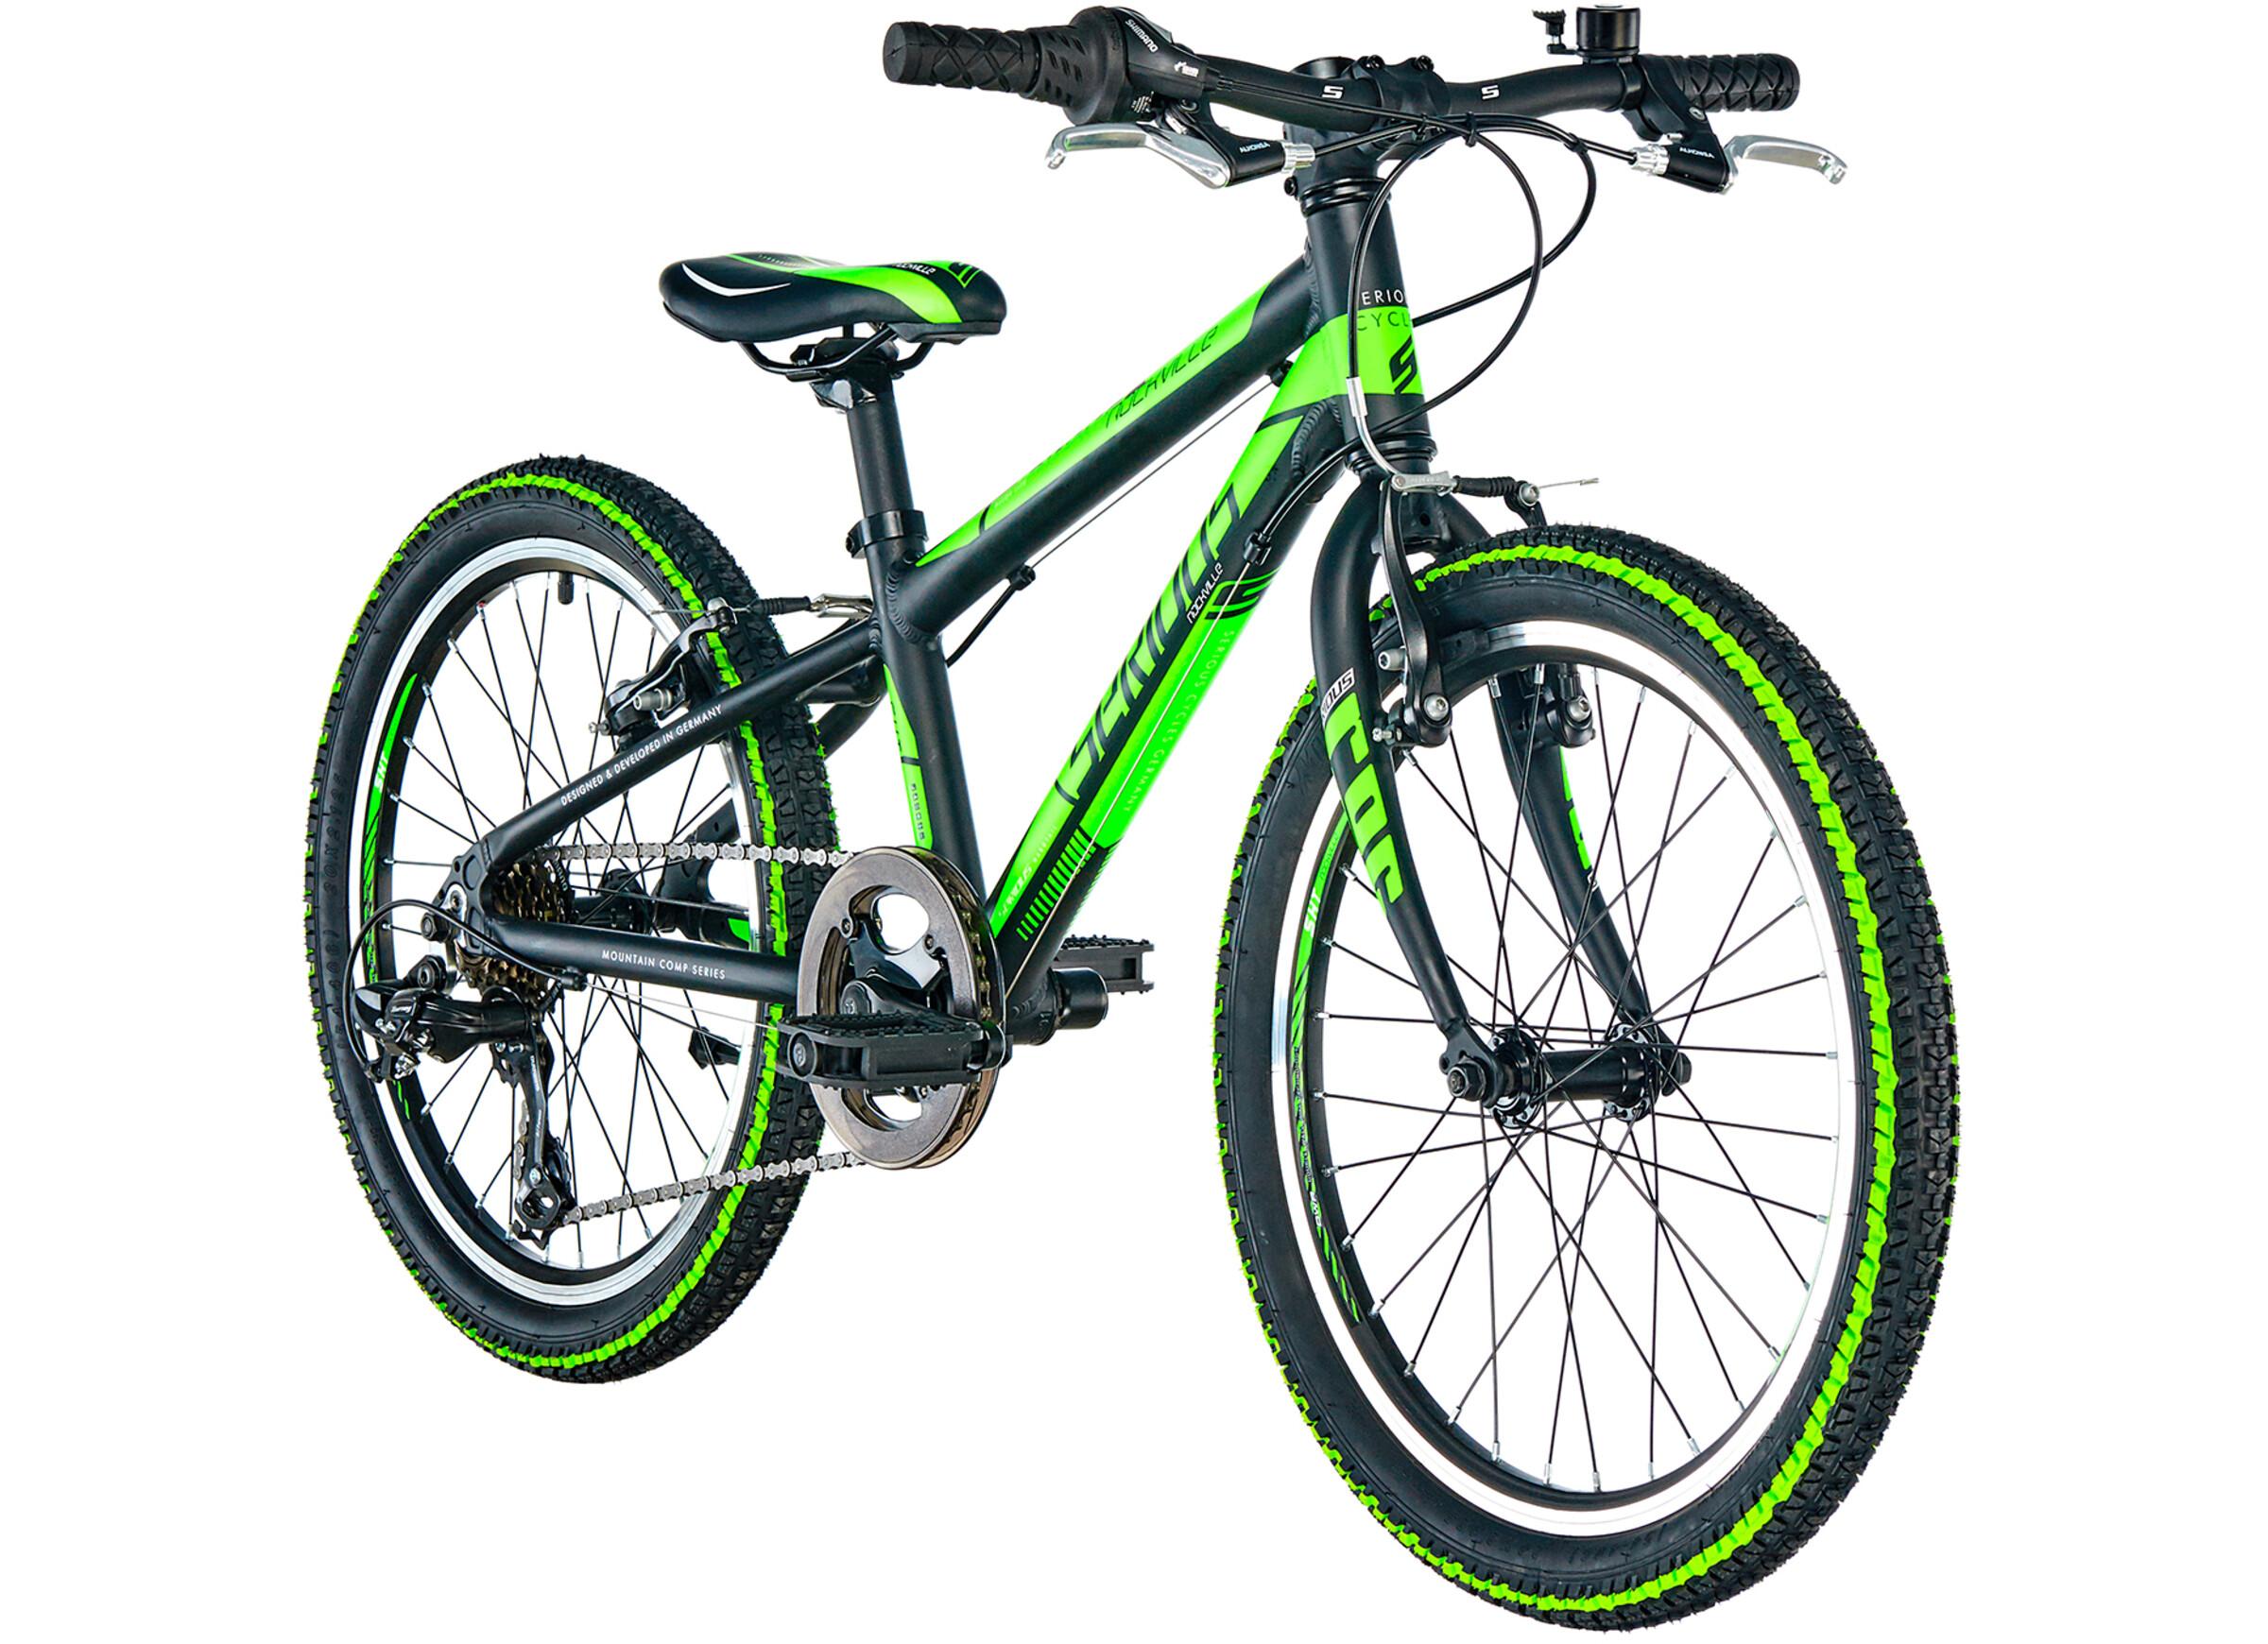 Serious Rockville Børnecykel 20 grøn   Find cykeltilbehør på nettet   Bikester.dk